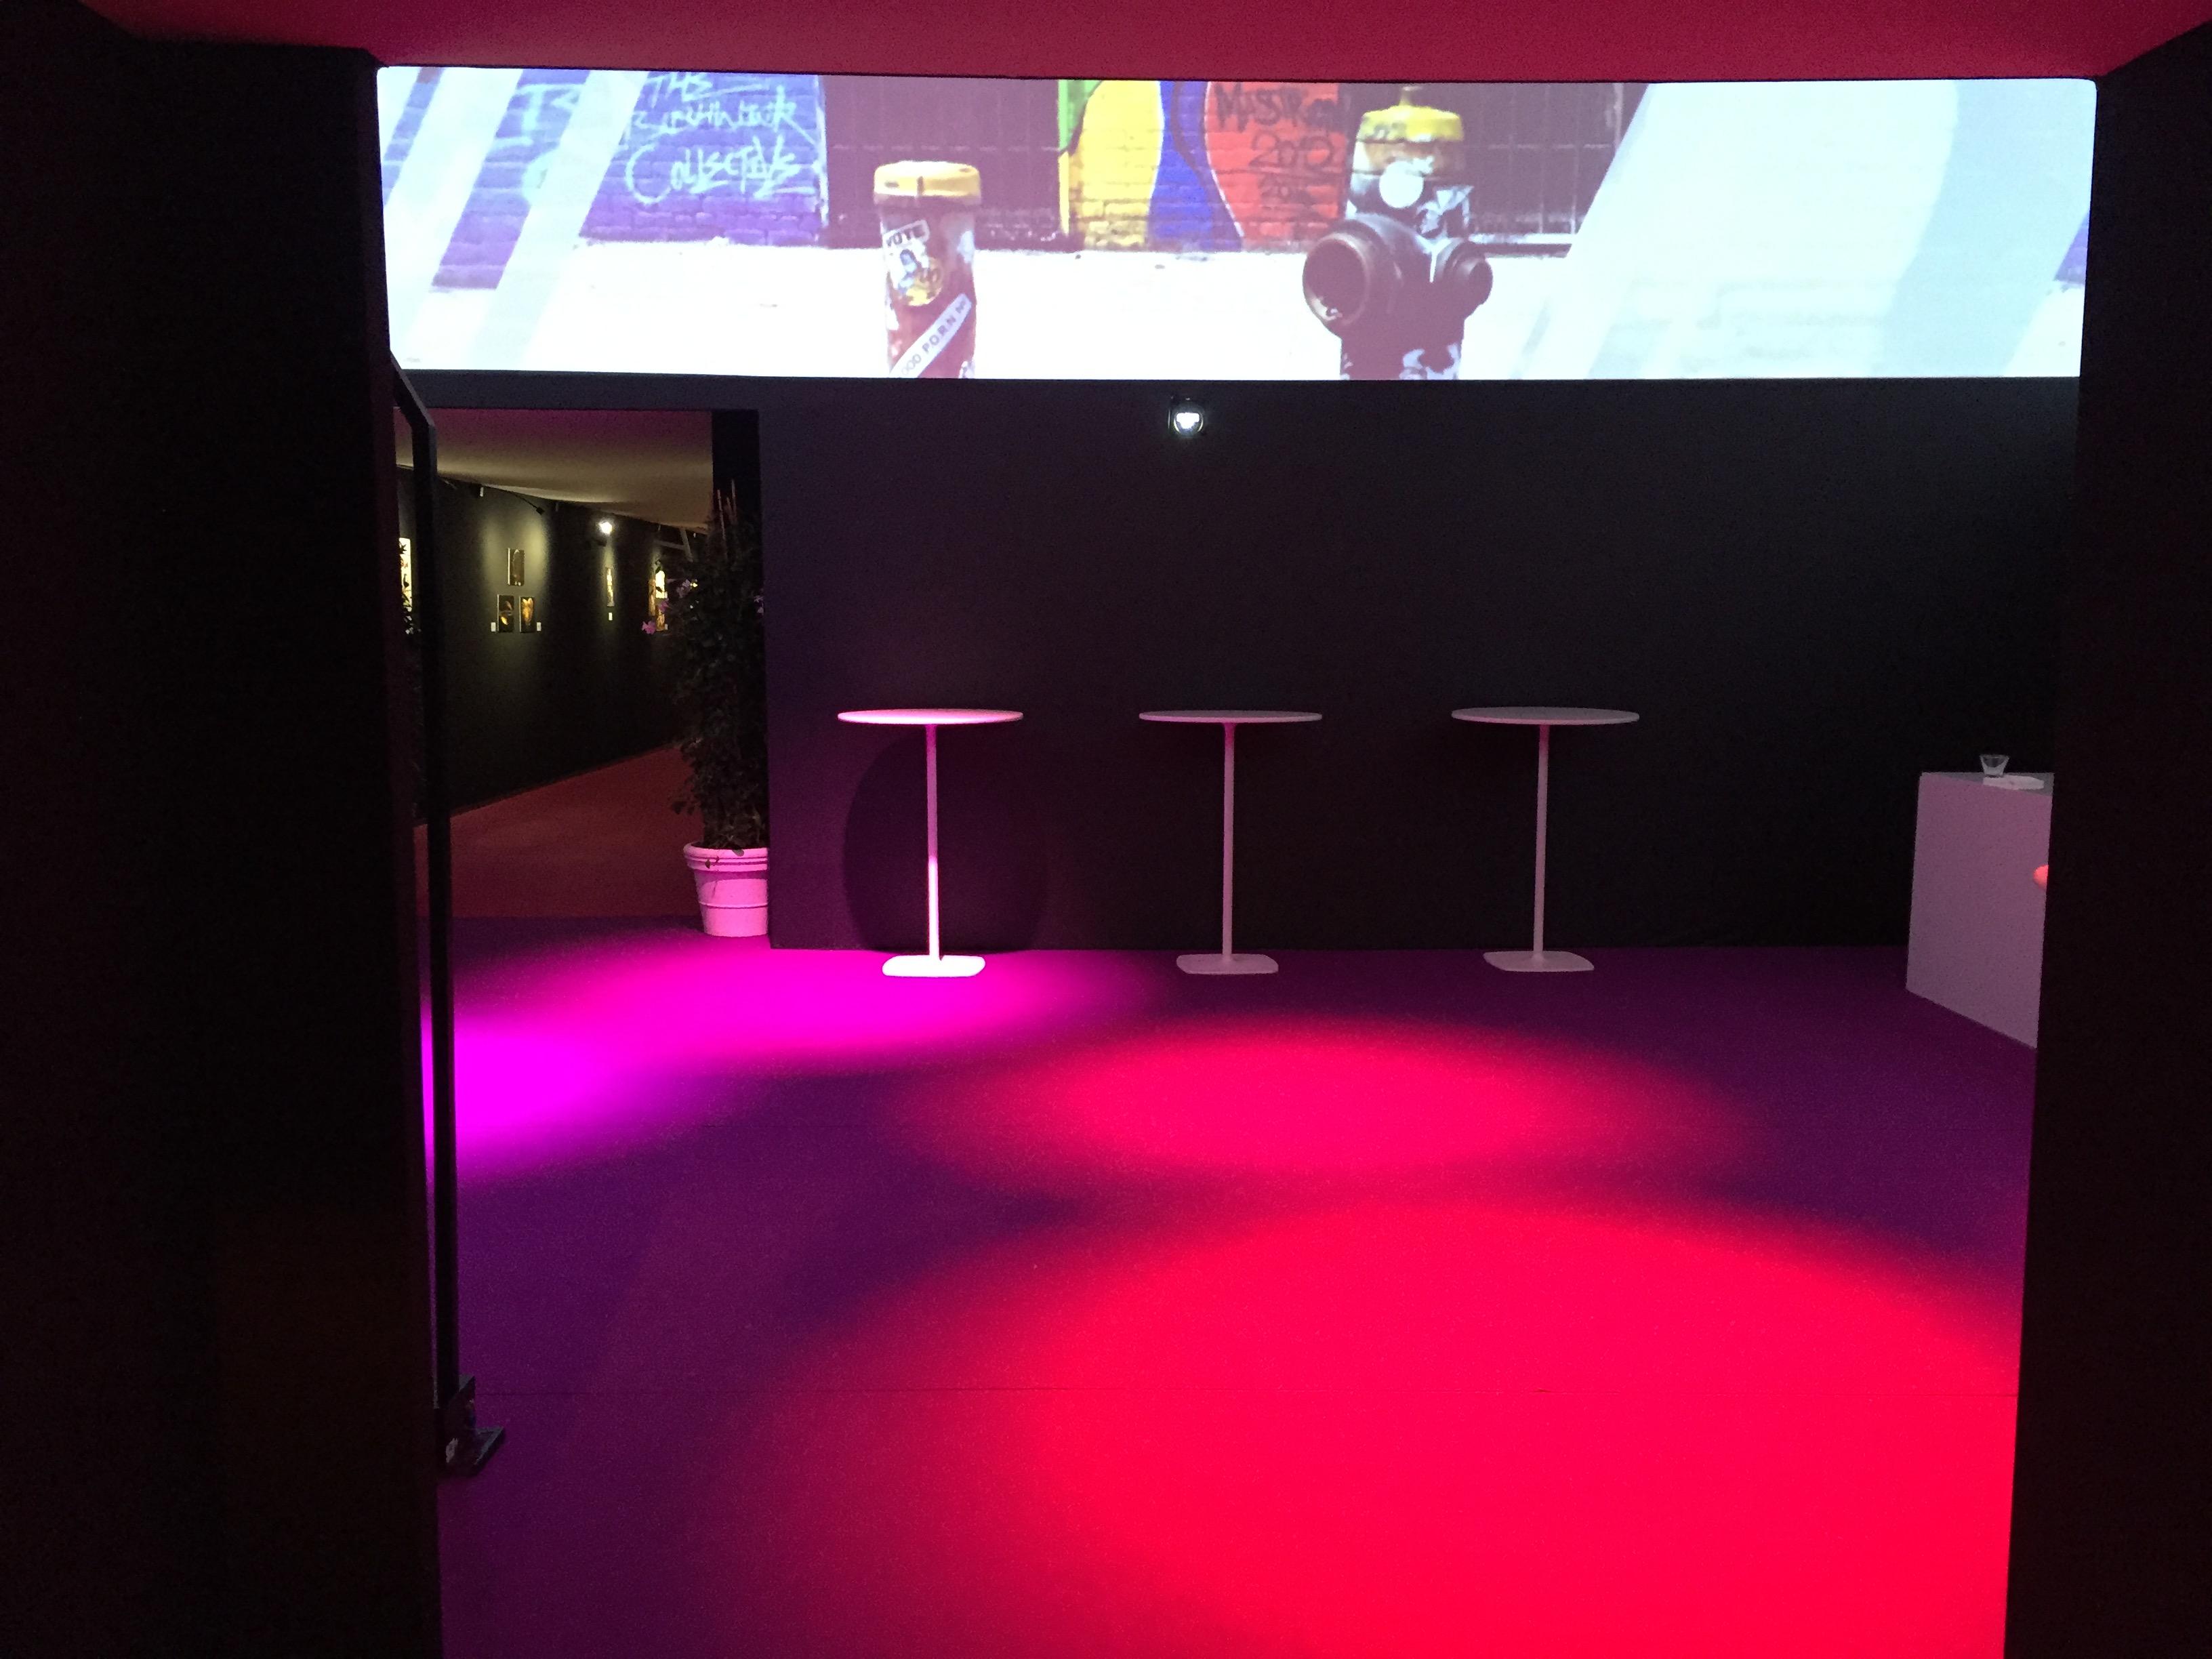 aucop-event-technique-audiovisuel-eclairage-sonorisation-video-deco-konica minolta-comsquare